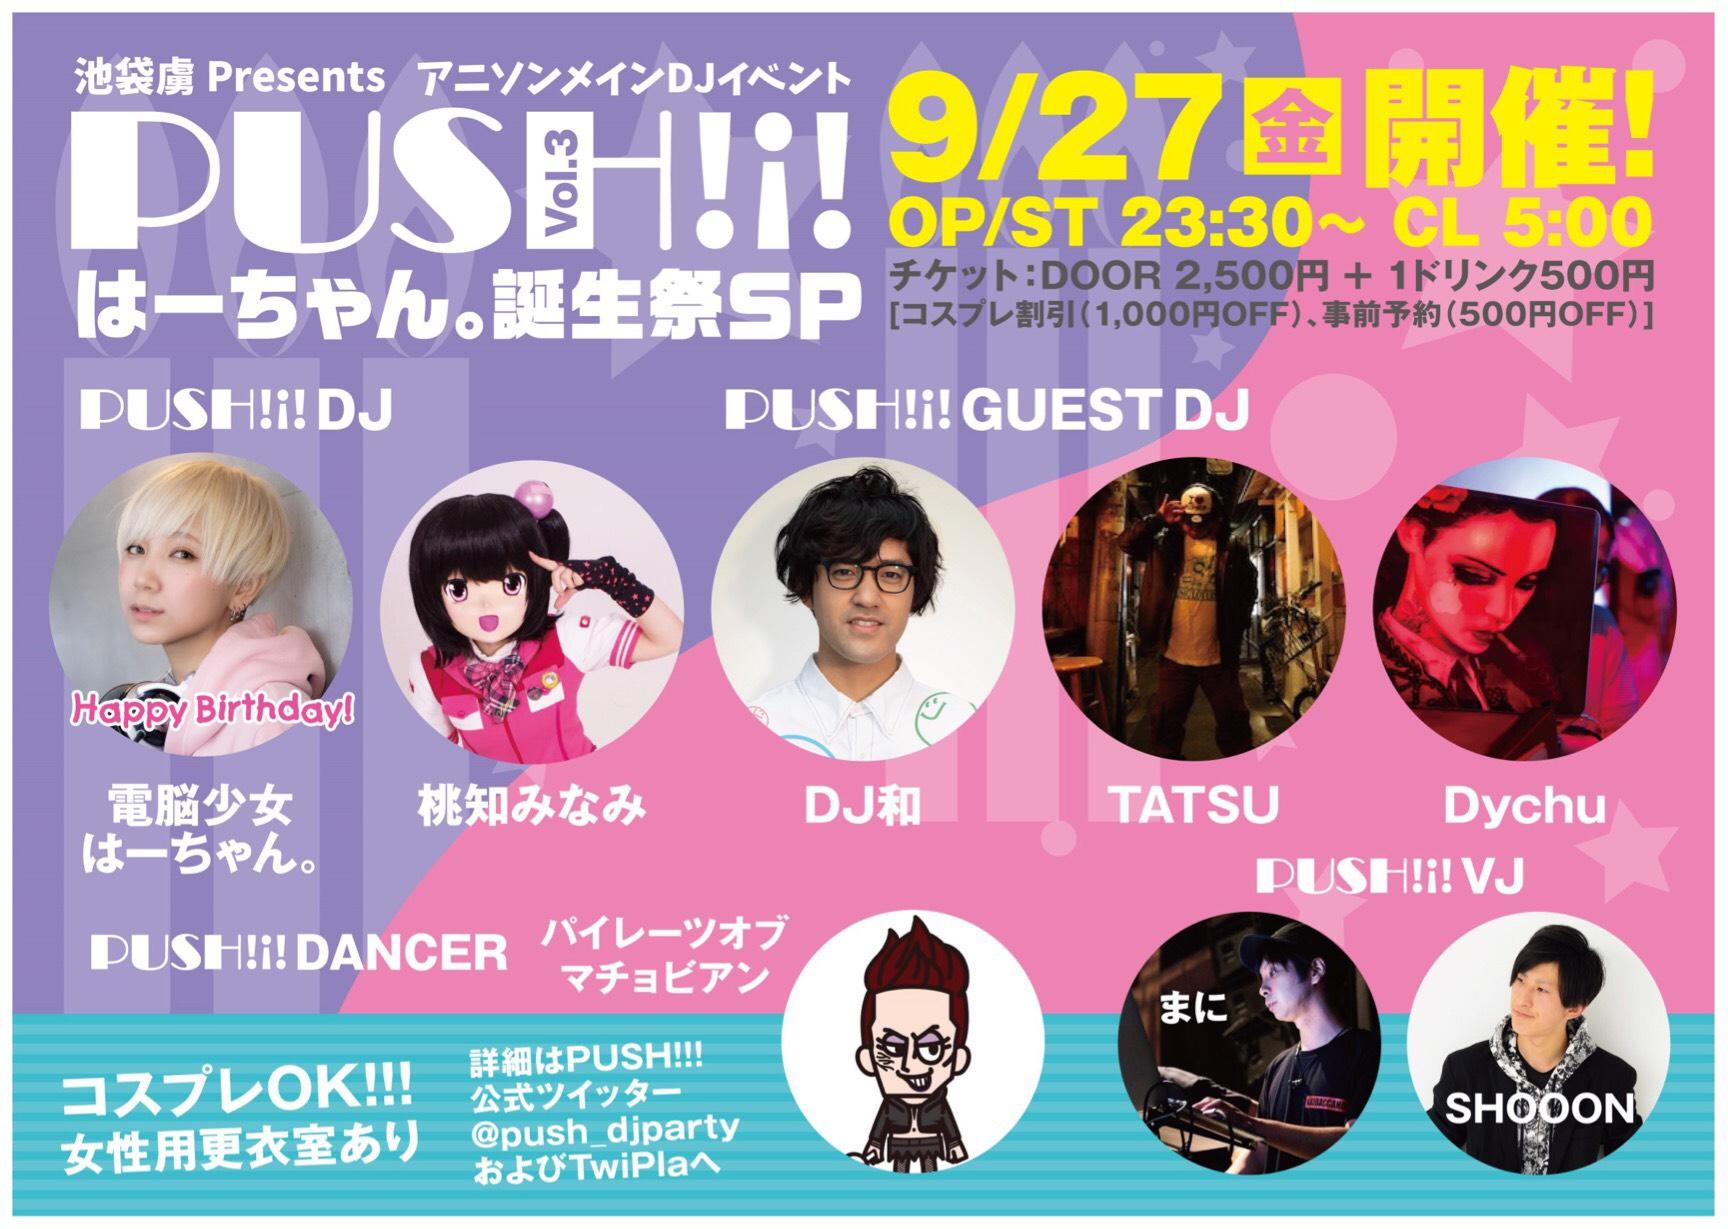 PUSH!!! vol 3